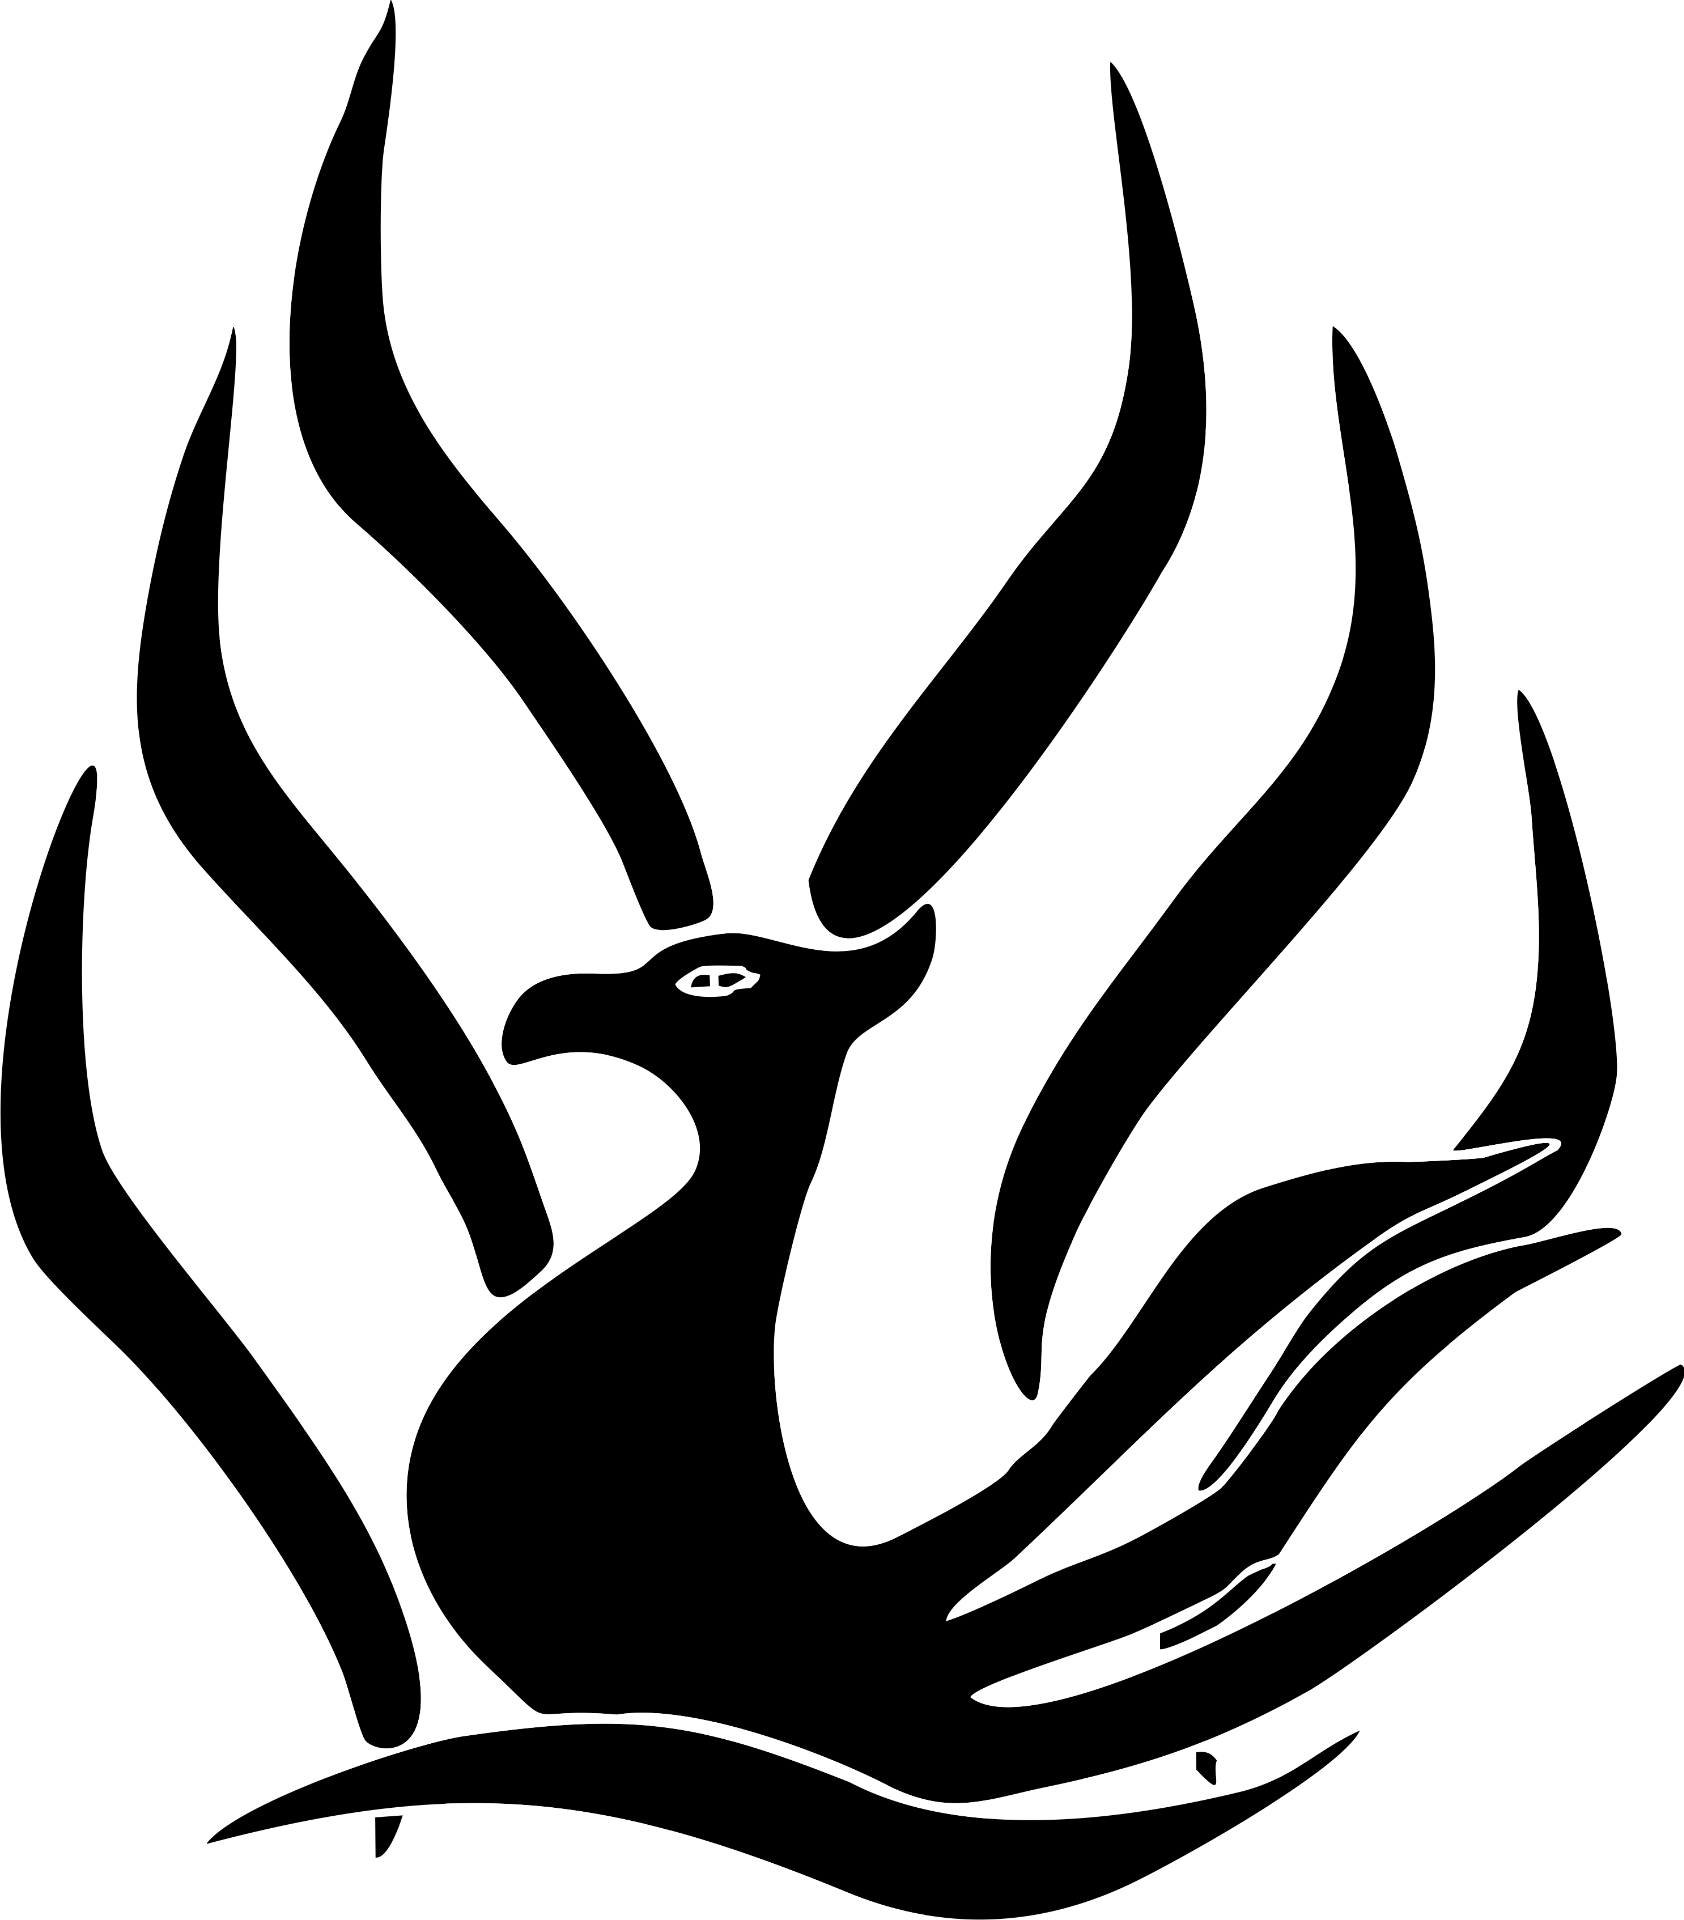 FENIX TABACO